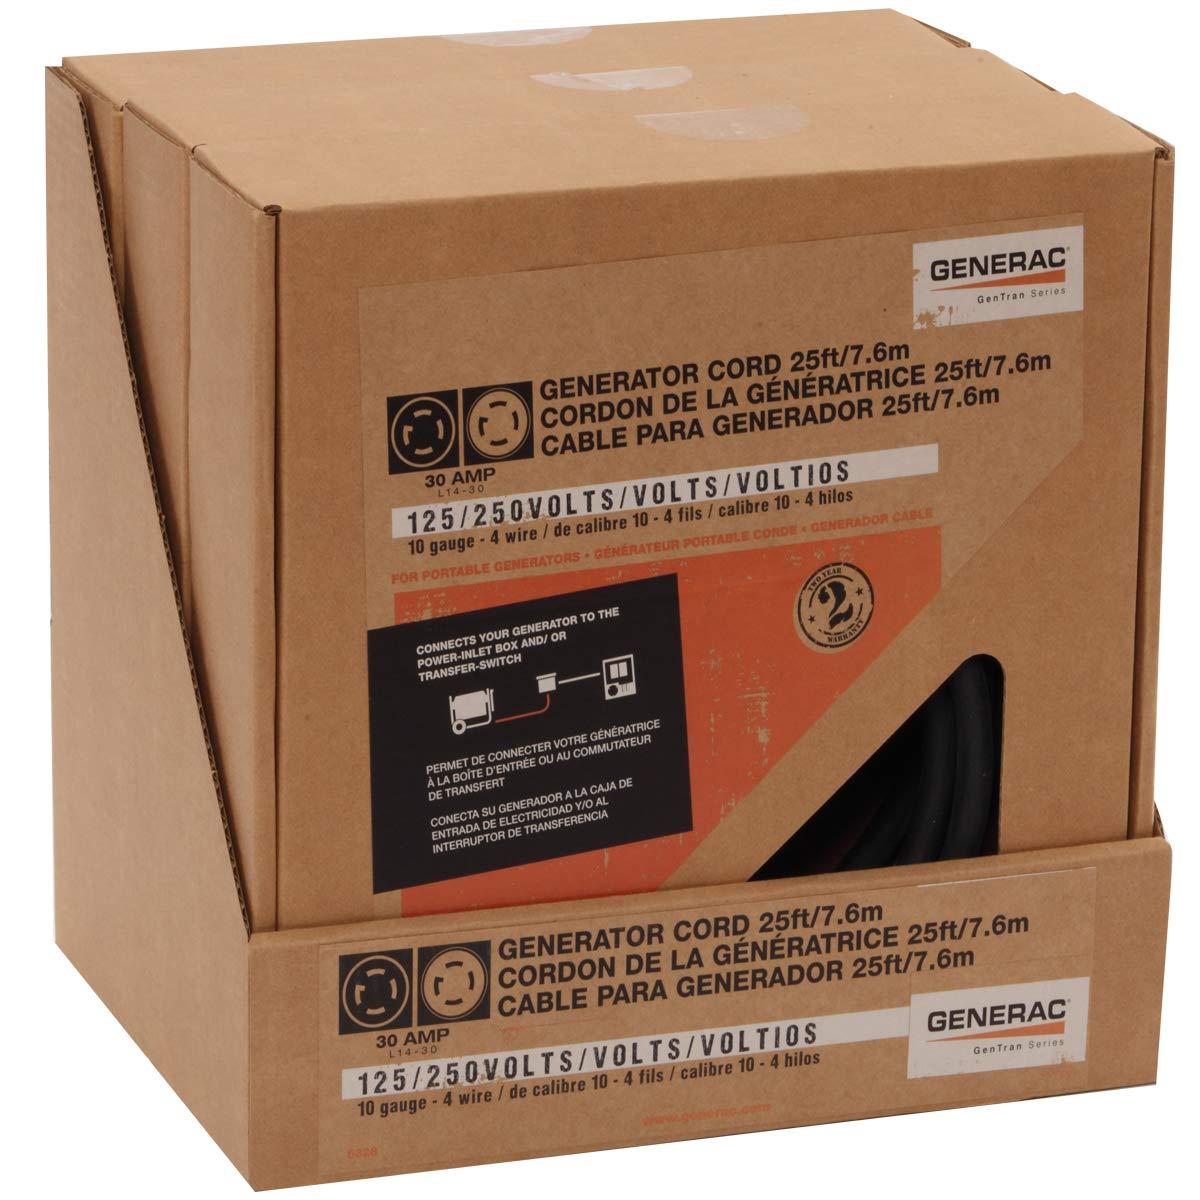 Generac 6328 25-Foot 30-Amp Generator Cord with NEMA L14-30 Ends for Maximum 7,500 Watt Generators by Generac